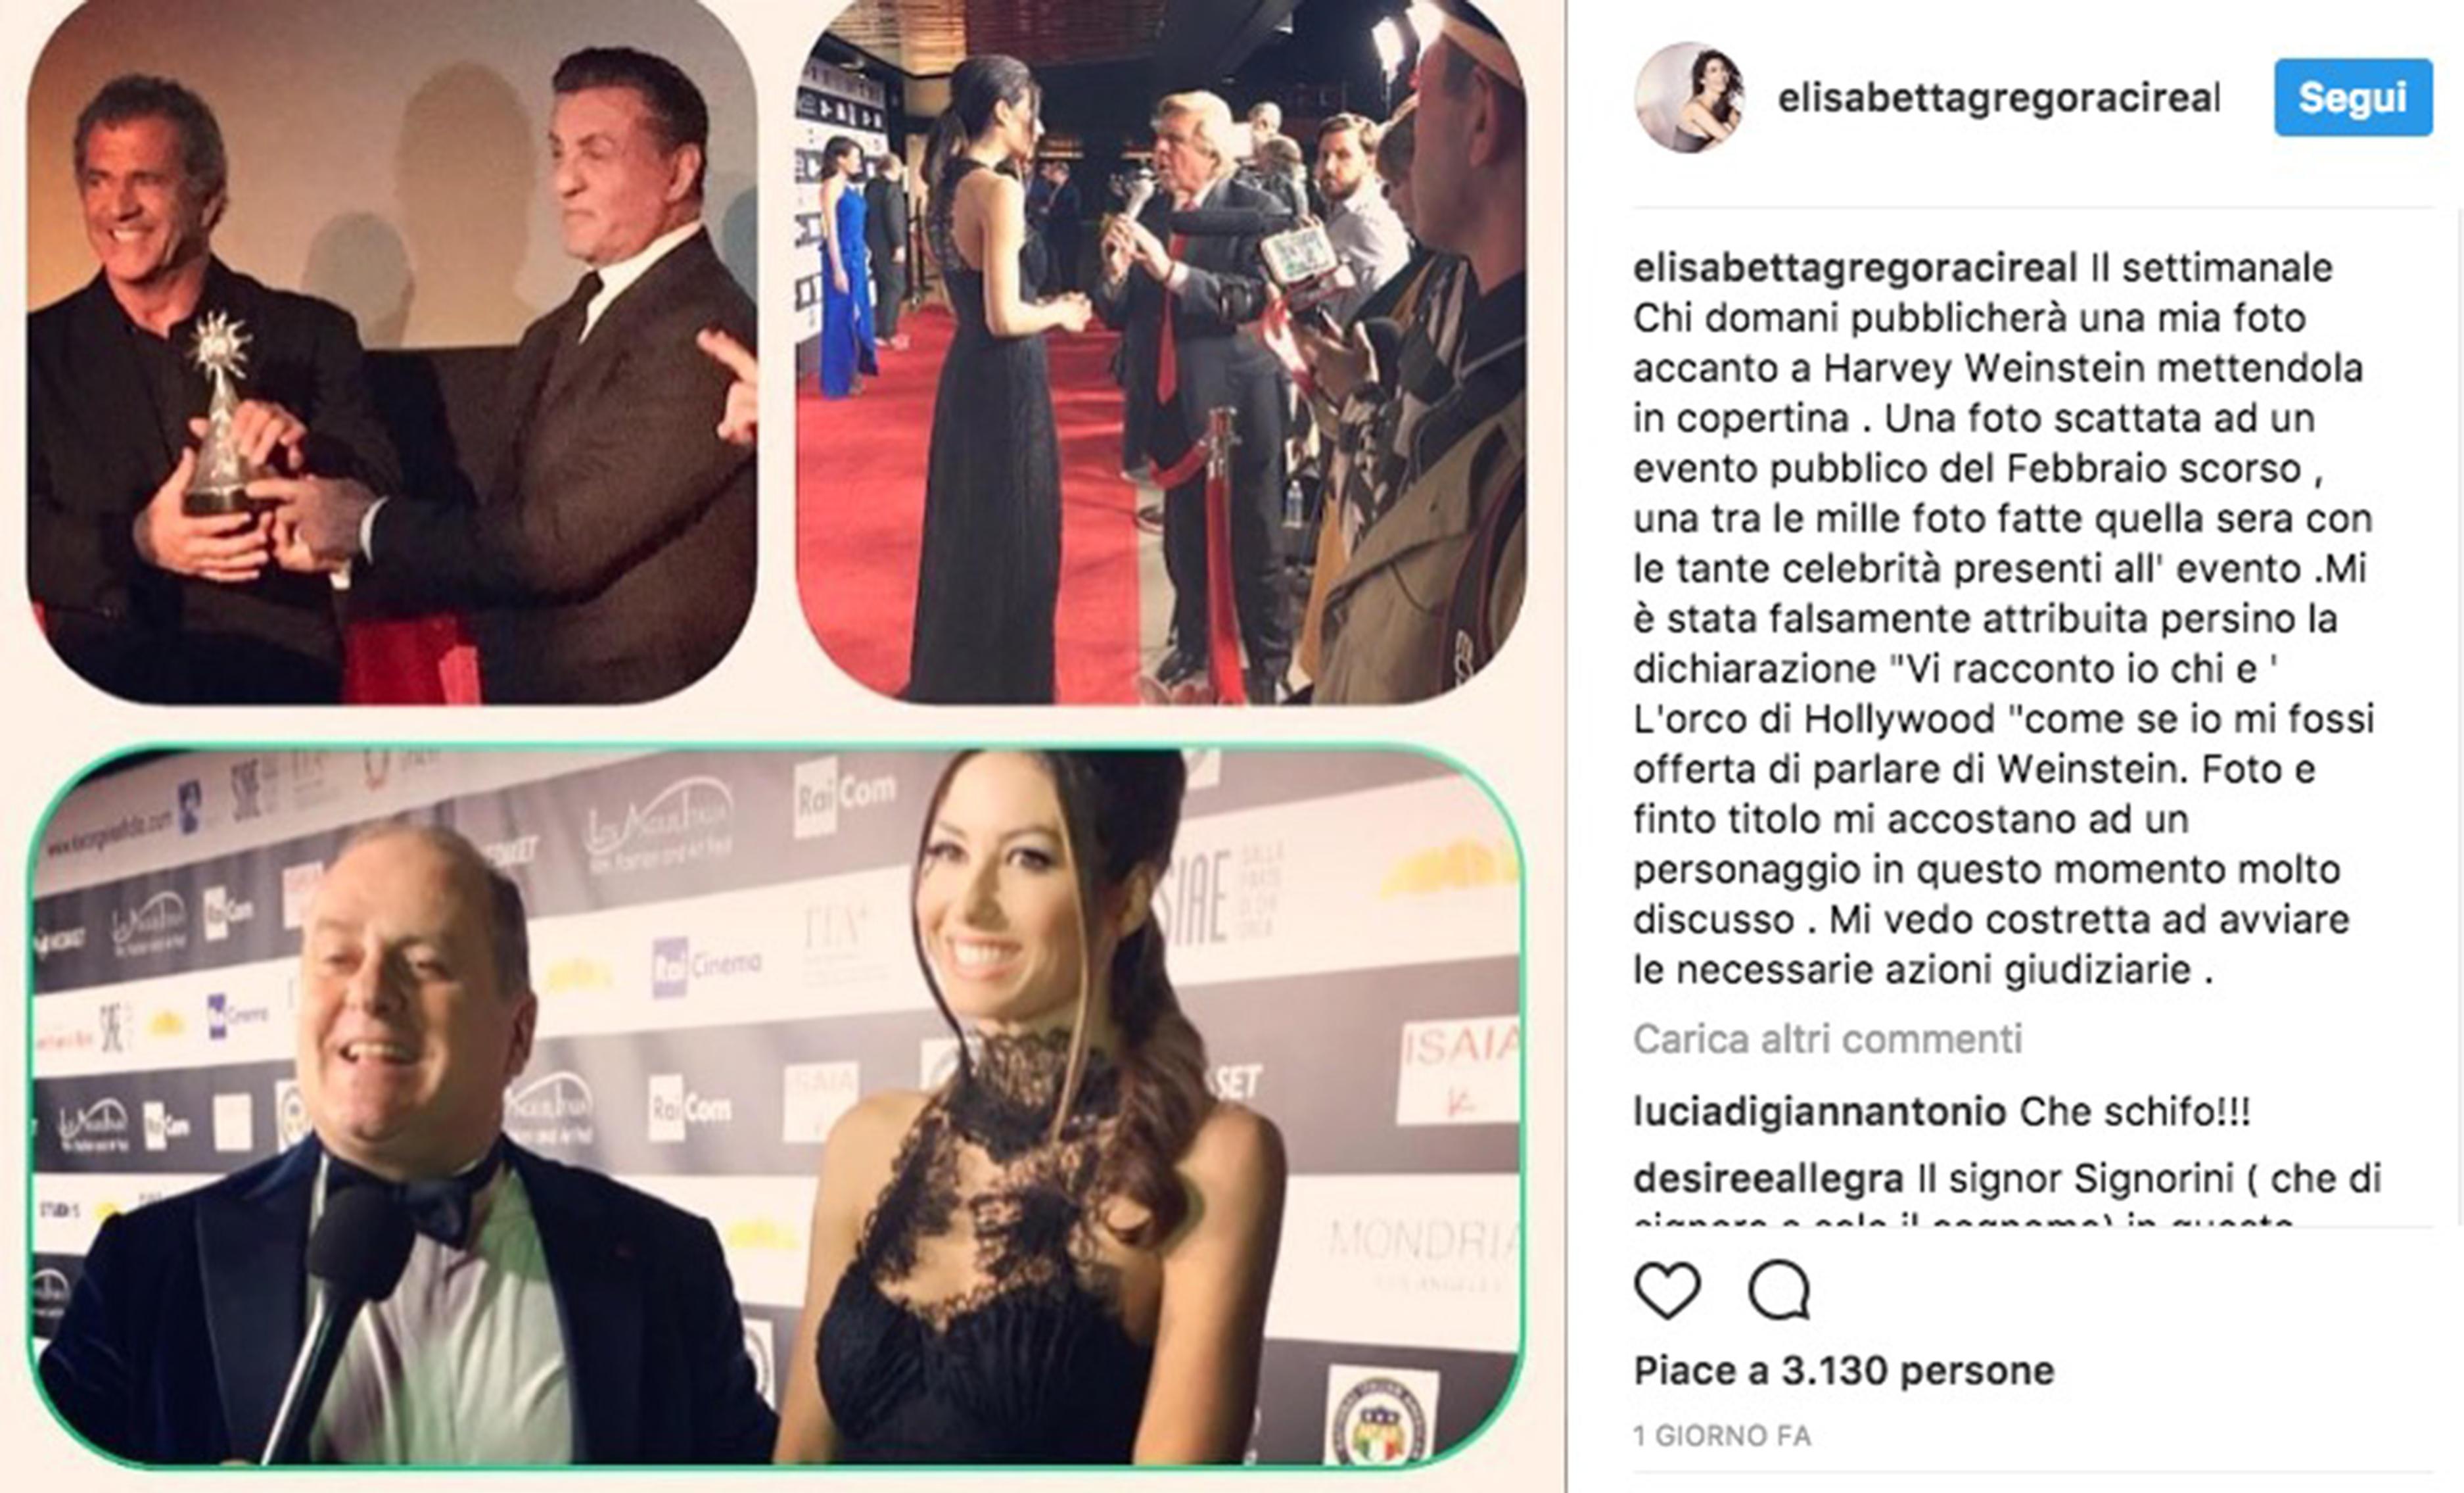 Elisabetta Gregoraci, Harvey Weinstein